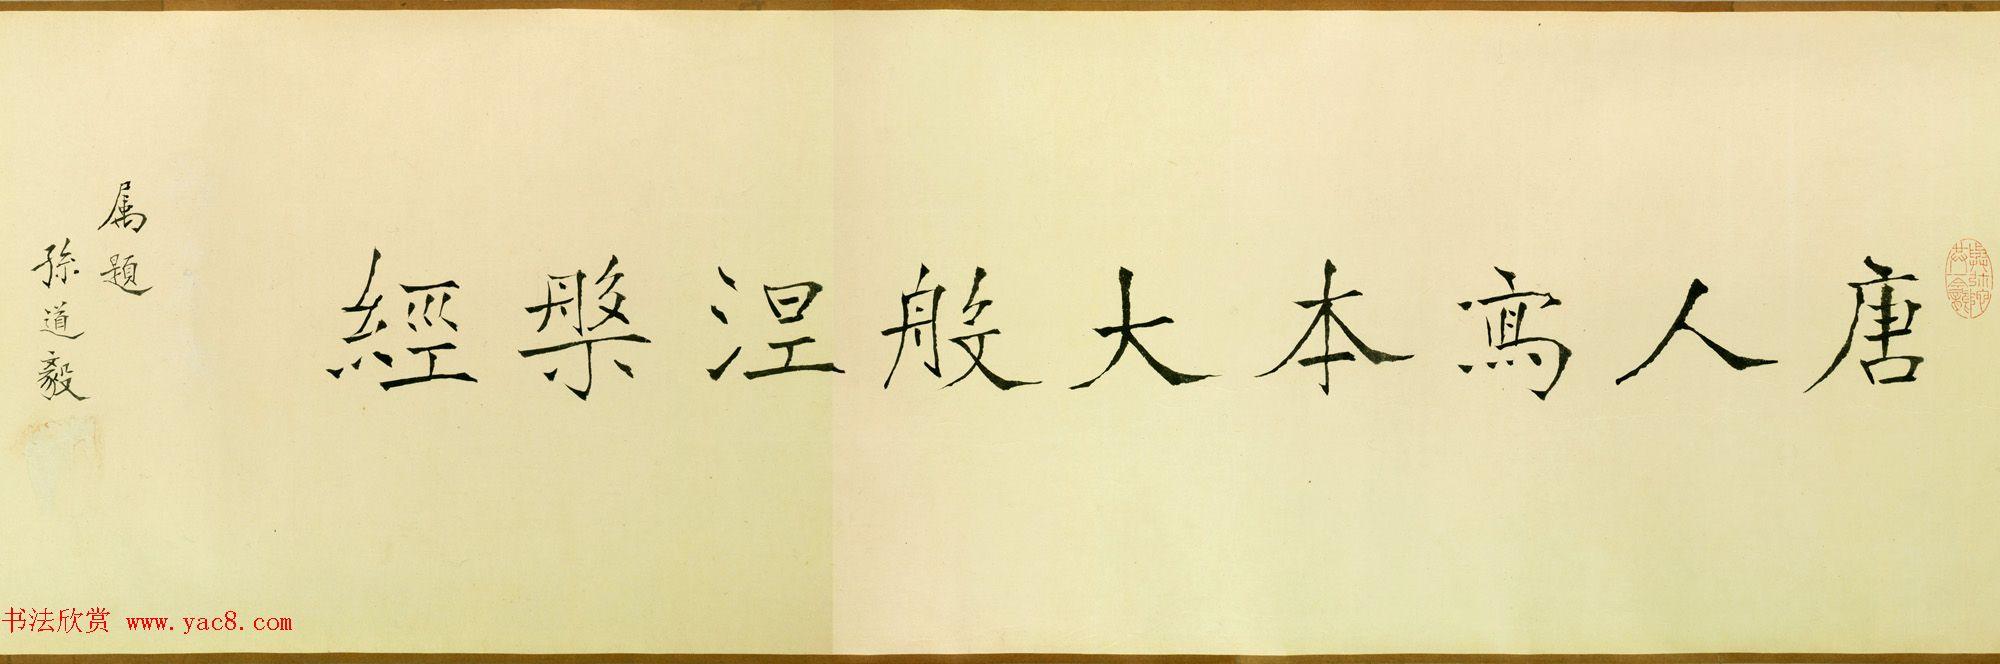 唐代楷书高清墨迹《唐人写本大般涅盘经》